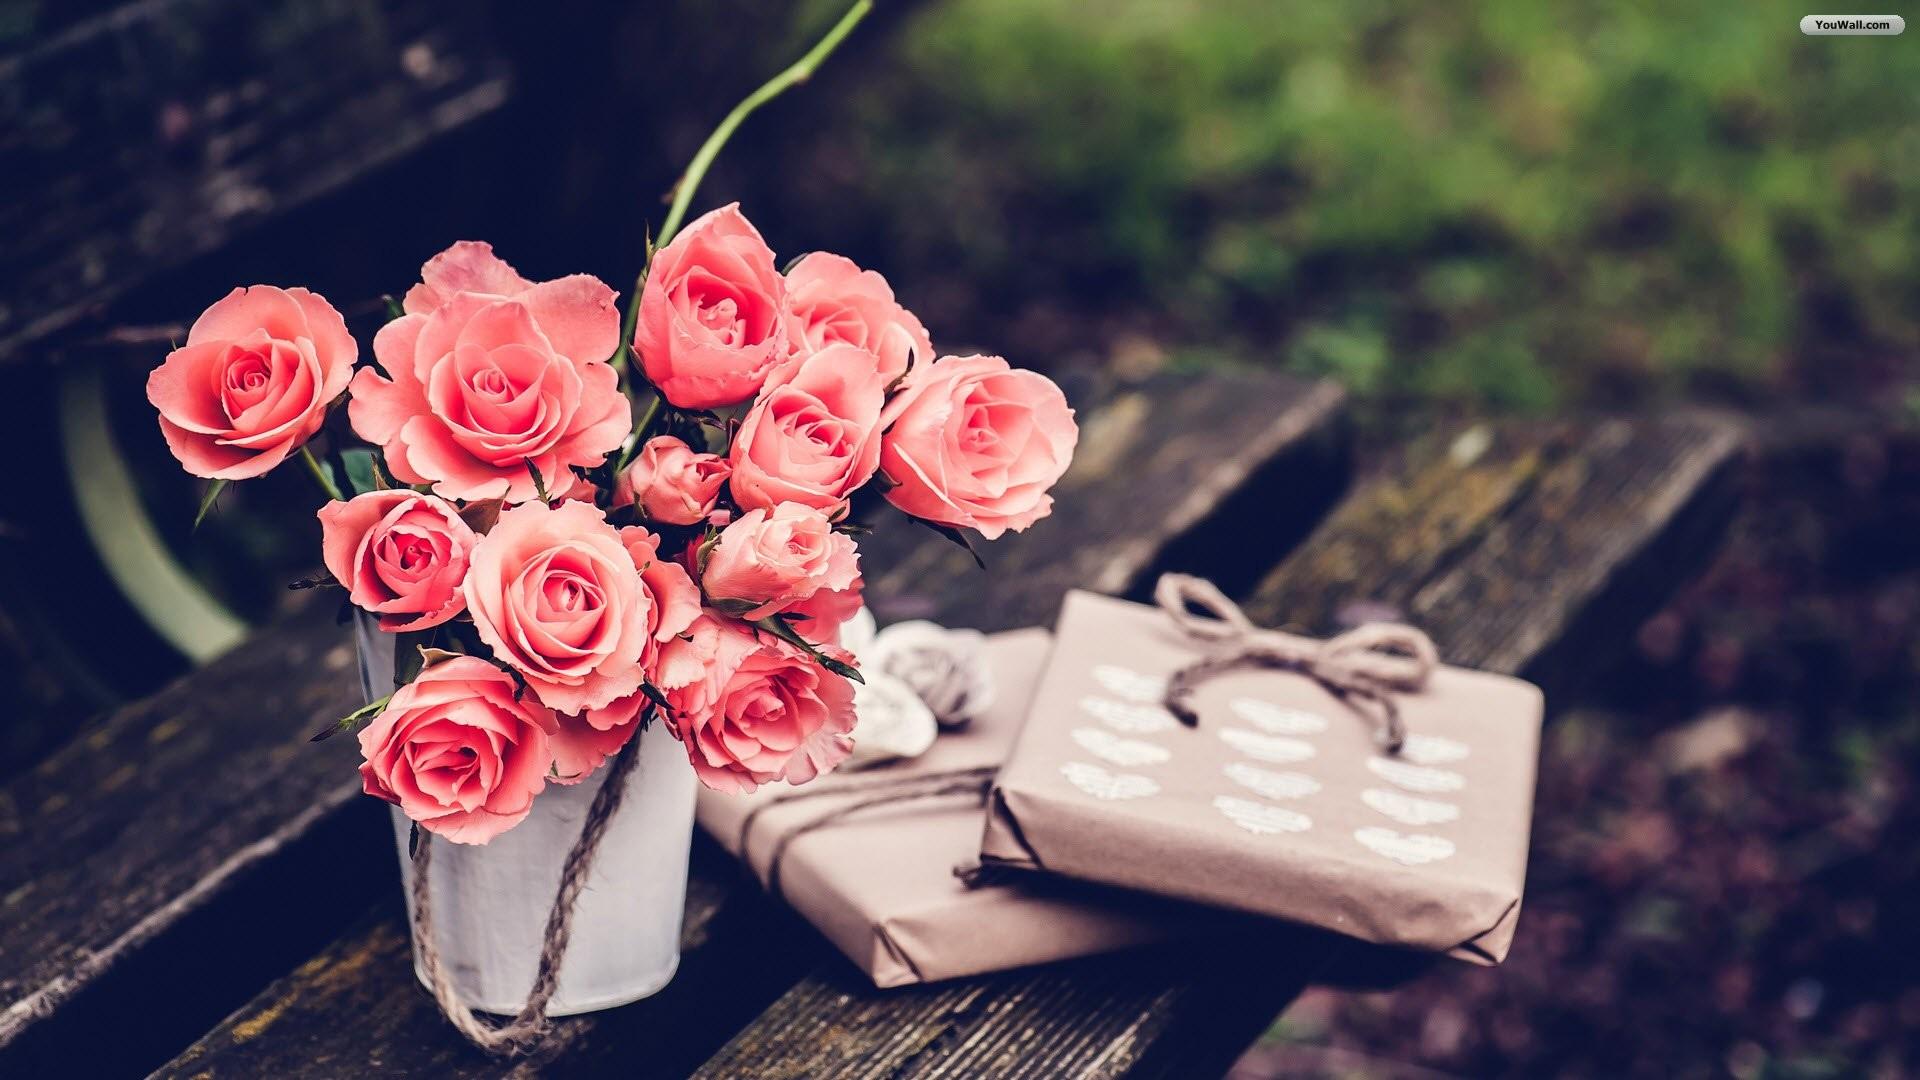 Roses Desktop Background 53 images